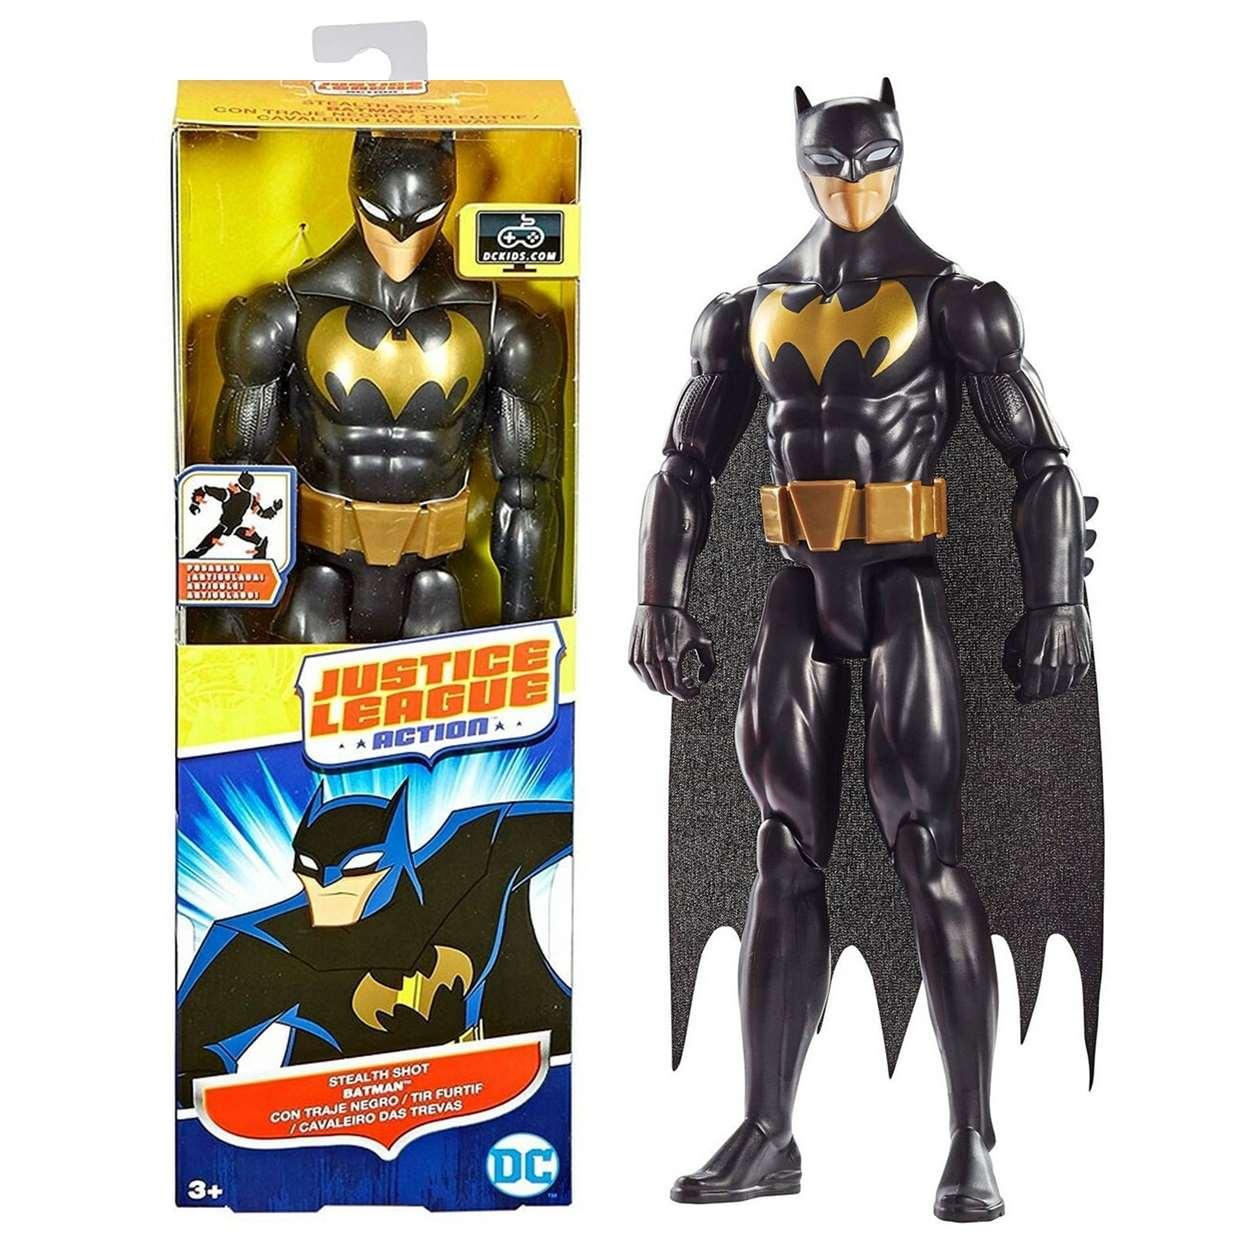 Batman Stealth Shot Figura Dc Justice League Action 12 PuLG